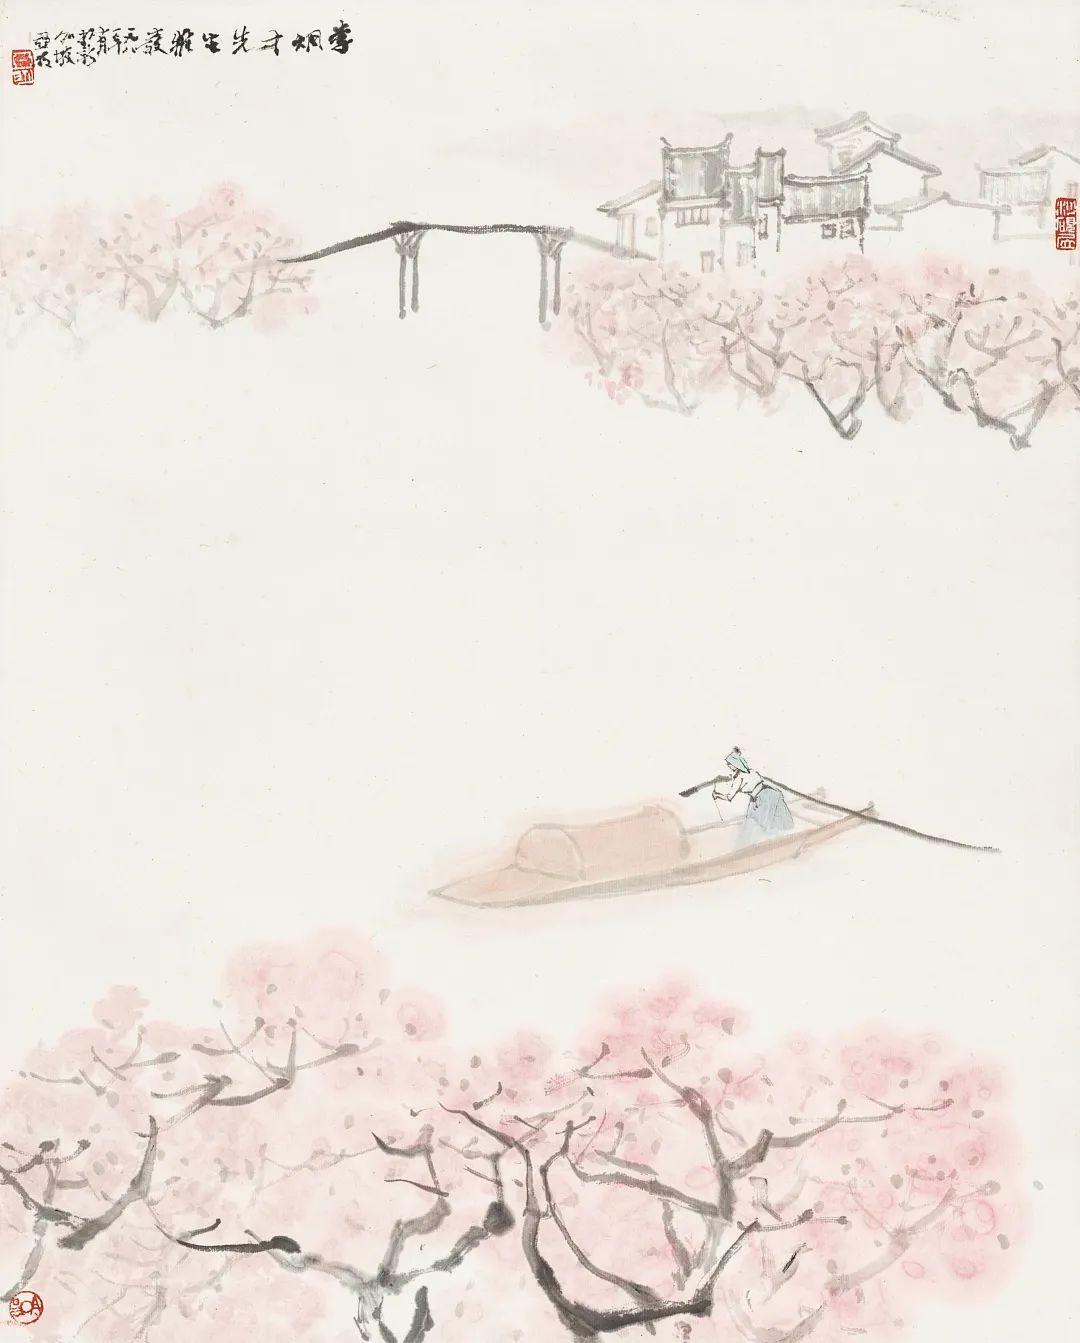 第五届文物拍卖会:思逸神超——中国书画作品专场(第三期)